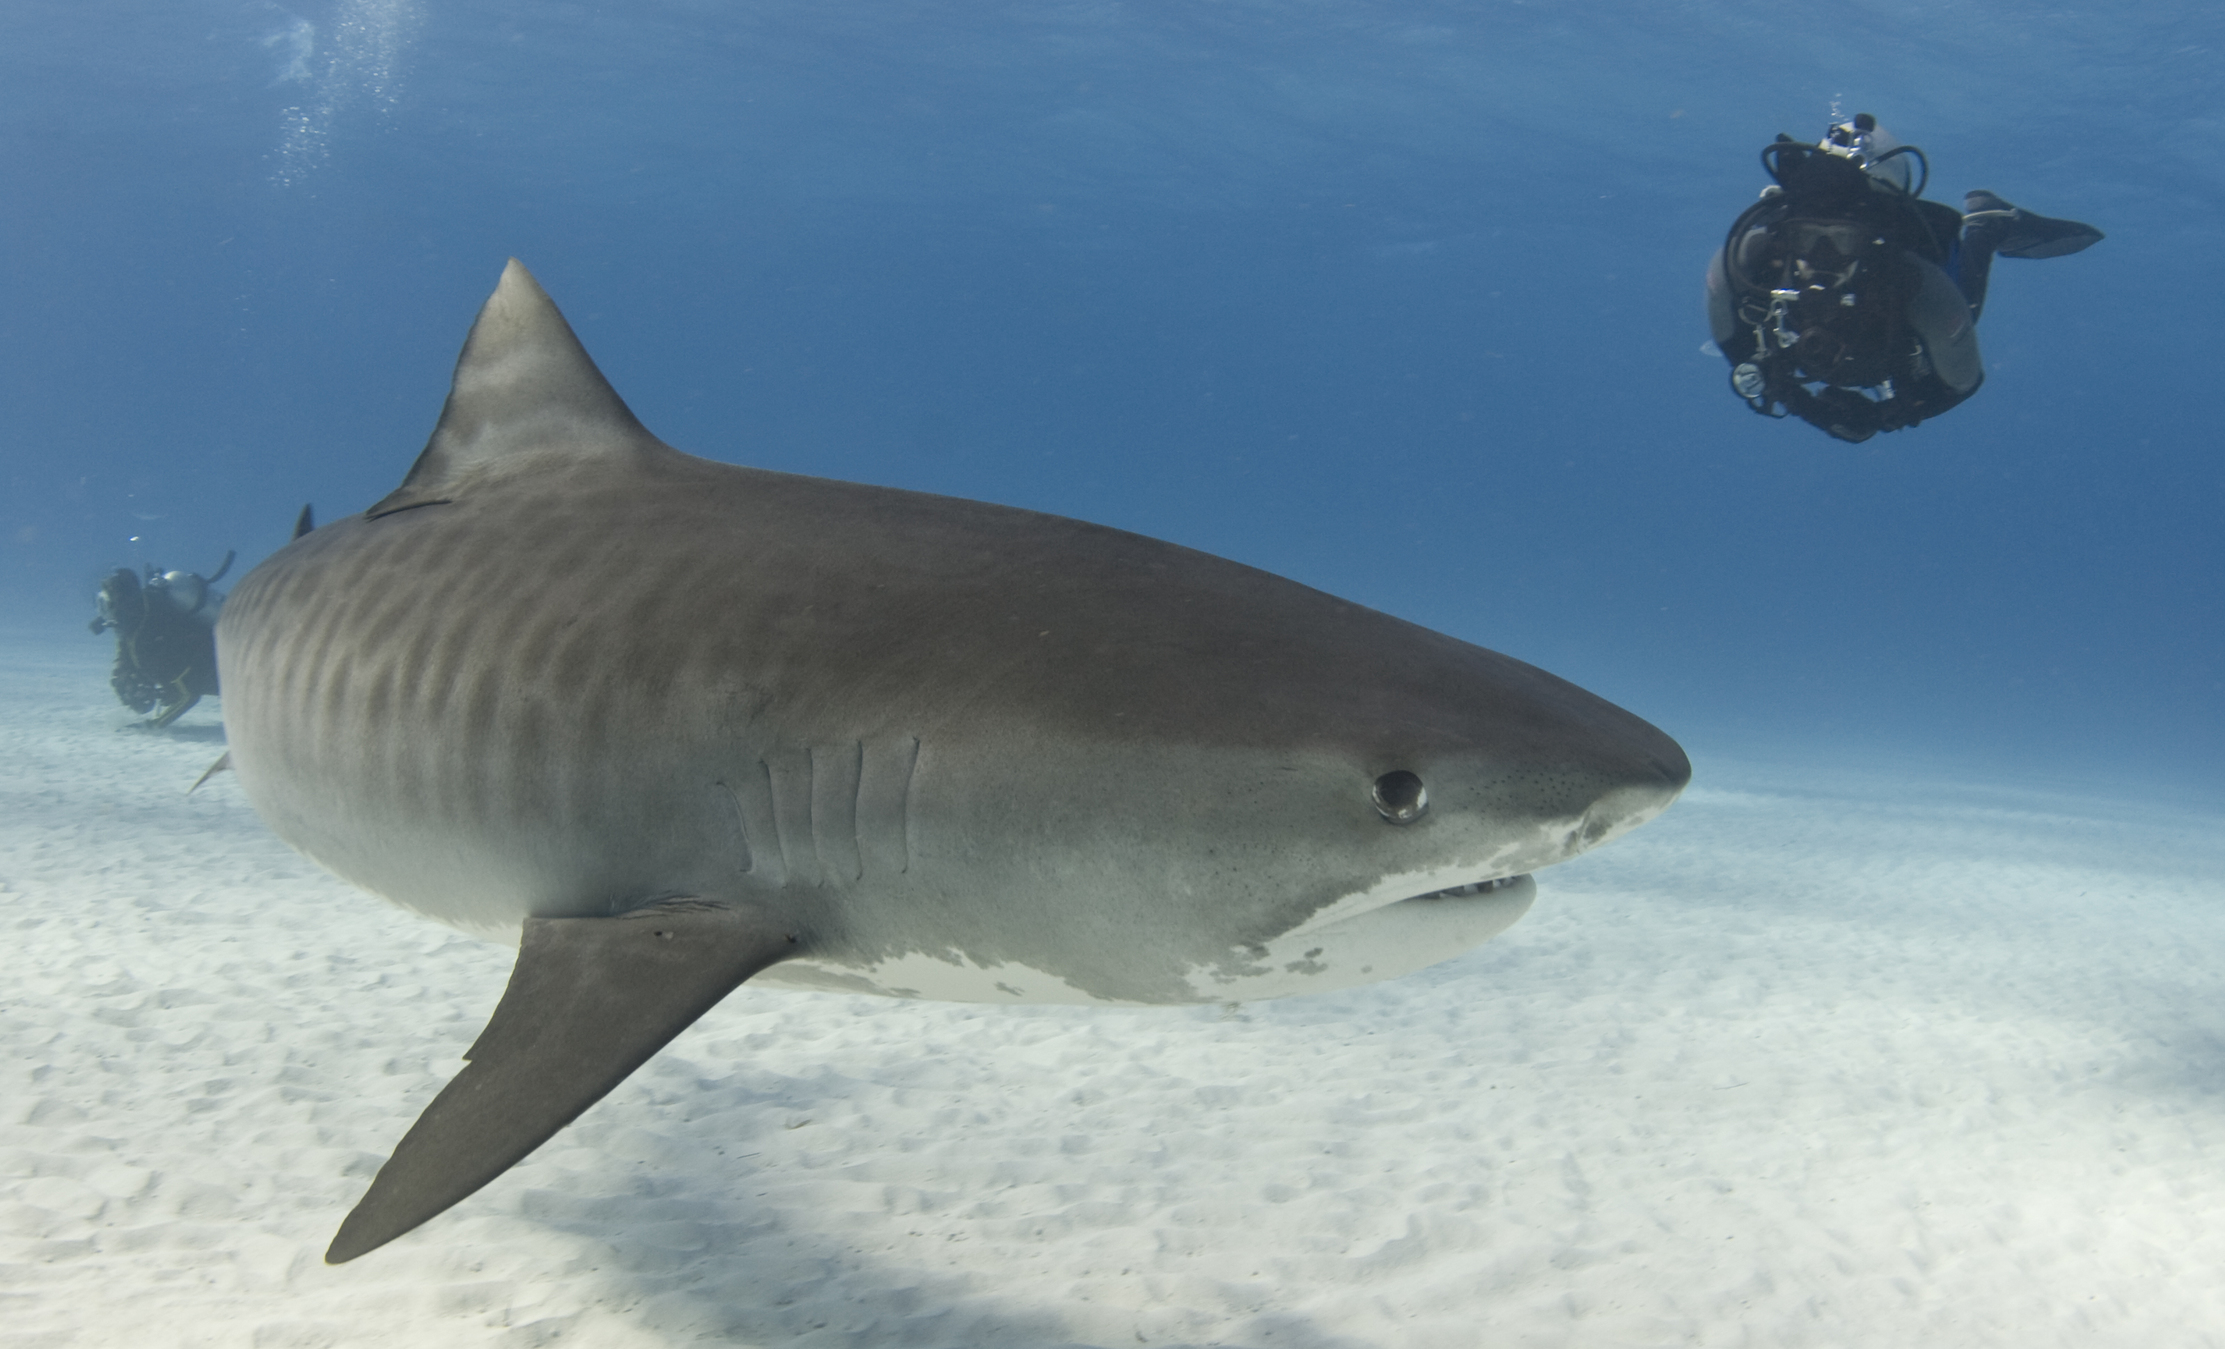 hogyan lehet sok pénzt keresni hangri cápa)